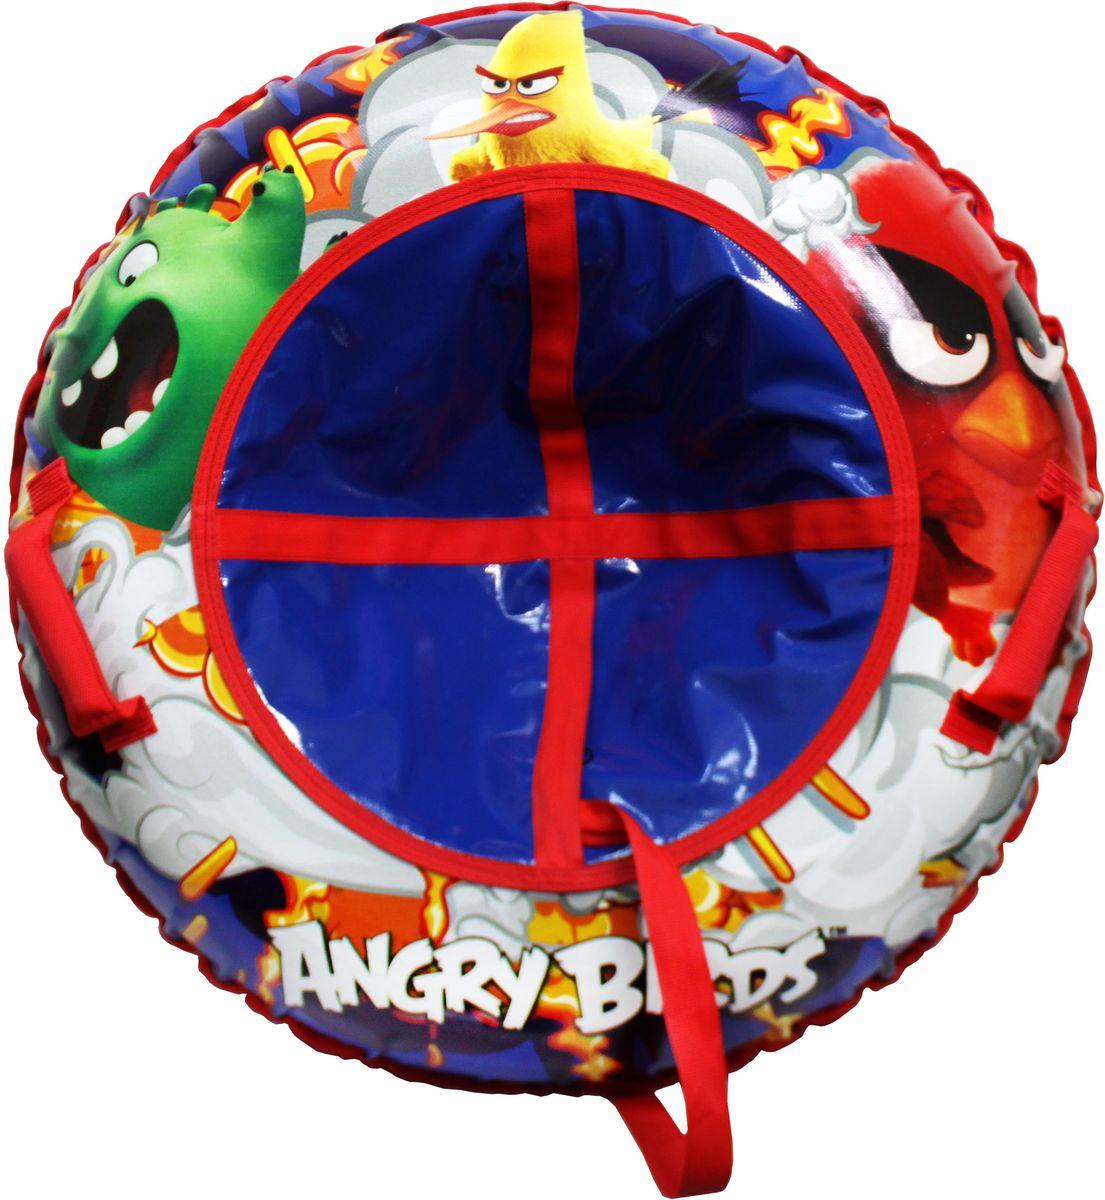 Тюбинг 1TOY Angry Birds, цвет: красный, диаметр 100 смТ59053Тюбинг - надувные сани, резиновая автокамера, материал глянцевый ПВХ, буксировочный трос. Надувные сани в последнее время стали очень популярным развлечением зимой. Специальные материалы и уникальная конструкция днища превосходно скользят, даже если снега совсем немного. Высокая прочность позволит весело проводить время детям и взрослым, не заботясь о поломках. Модель очень вместительная, возможность соскальзывания практически исключена.